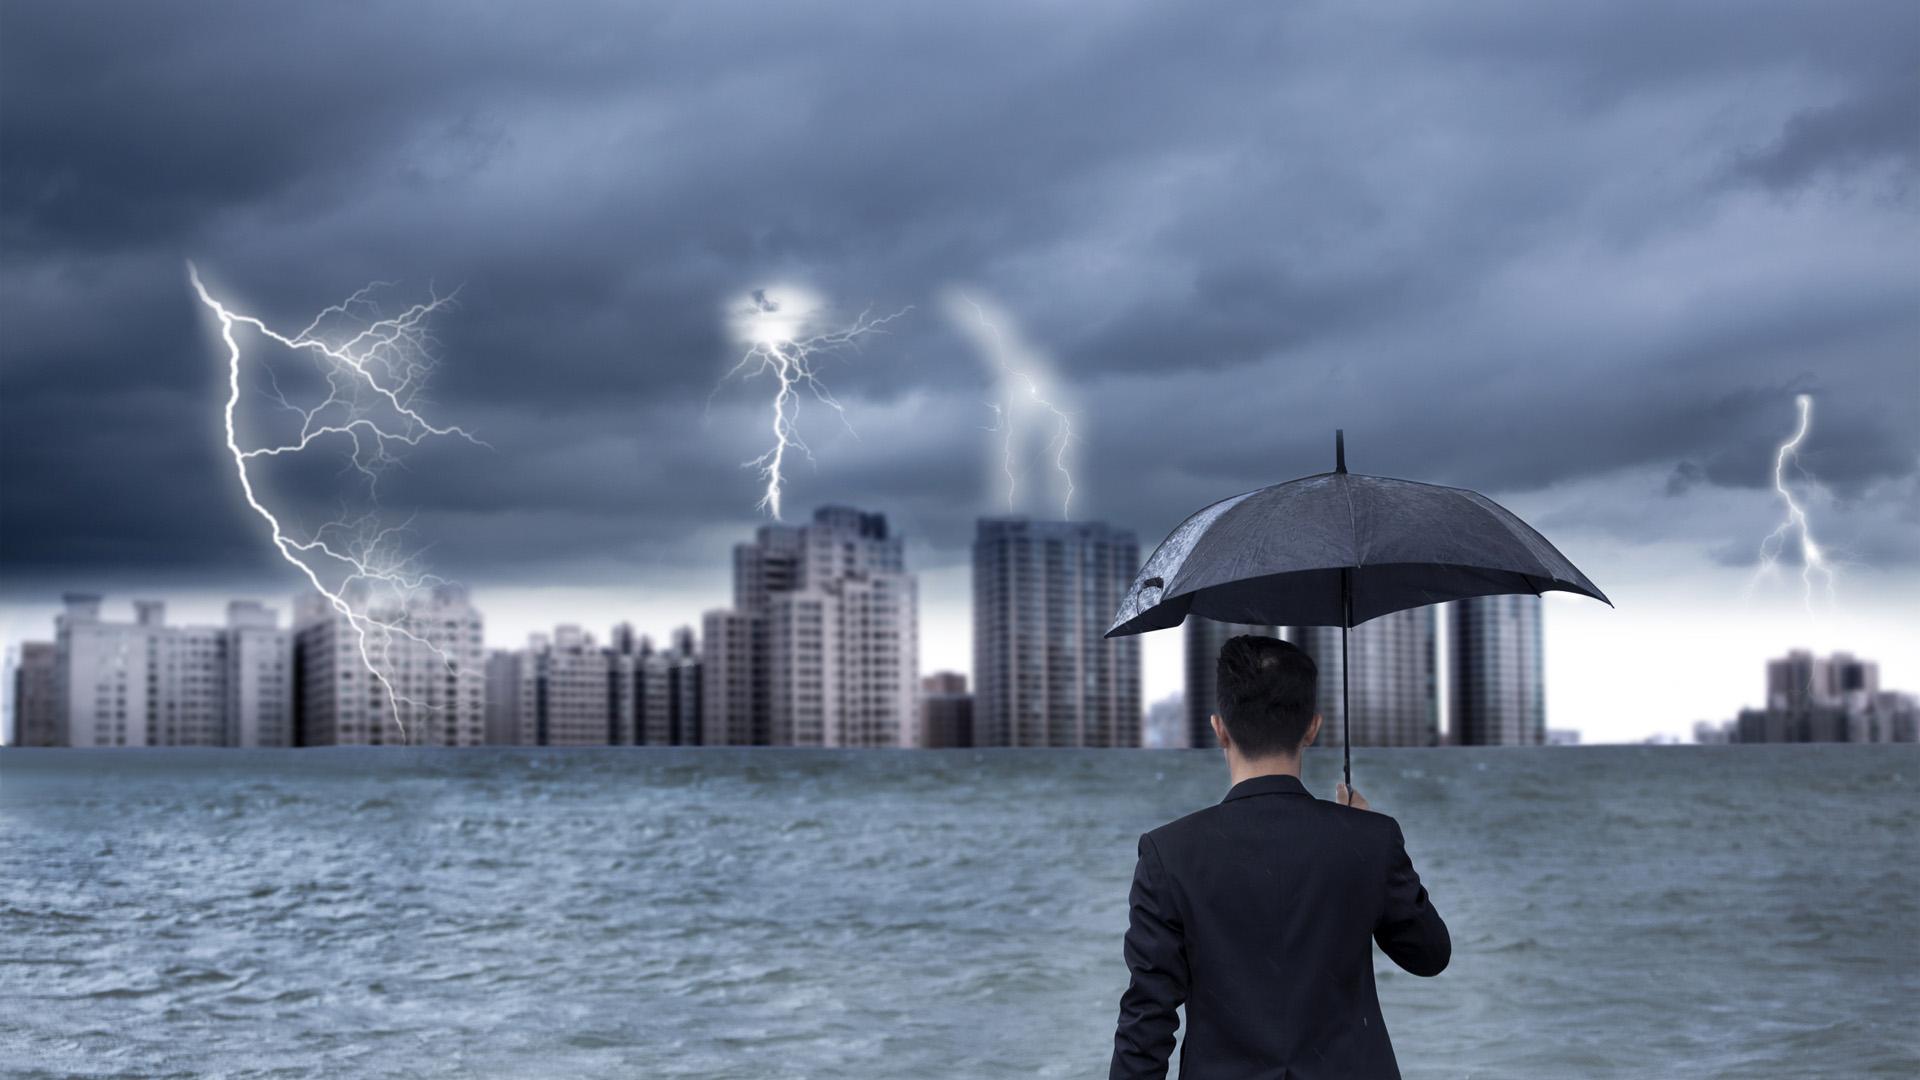 La organización afirma que las catástrofes que cuestan más vidas son las tormentas